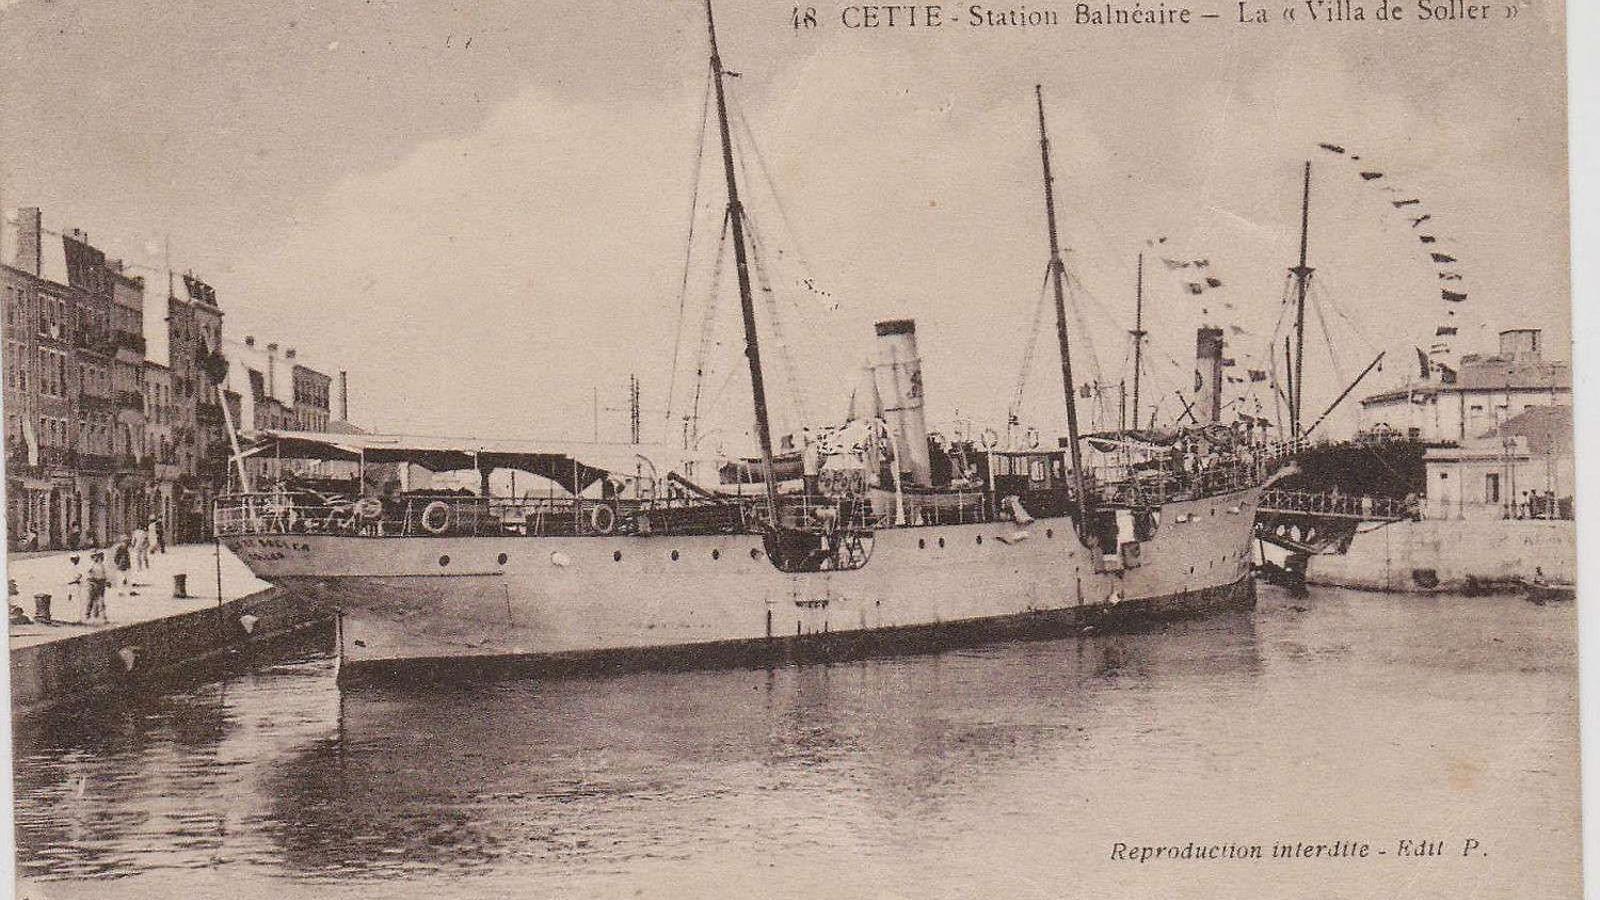 El maig de 1918 el vapor Villa de Sóller va ser enfonsat per un submarí alemany a prop de la costa de Toulon.